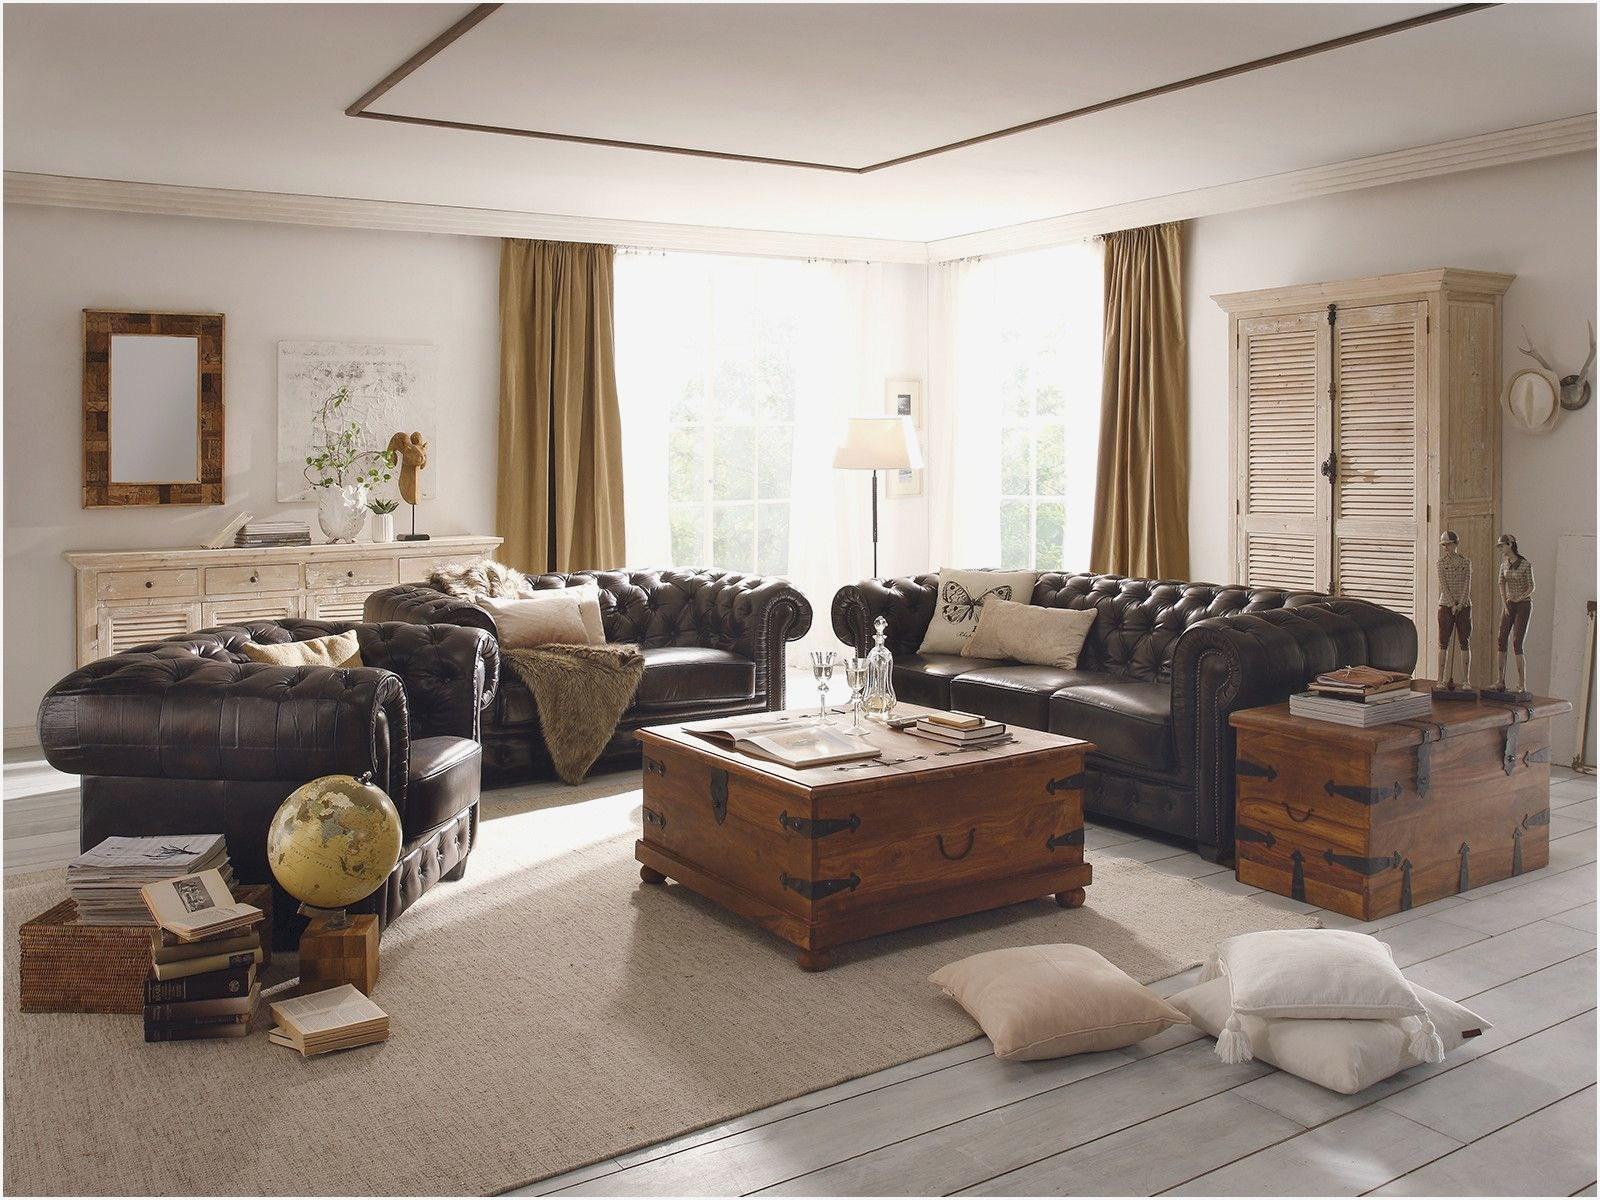 Wohnzimmer Dunkelbraune Möbel